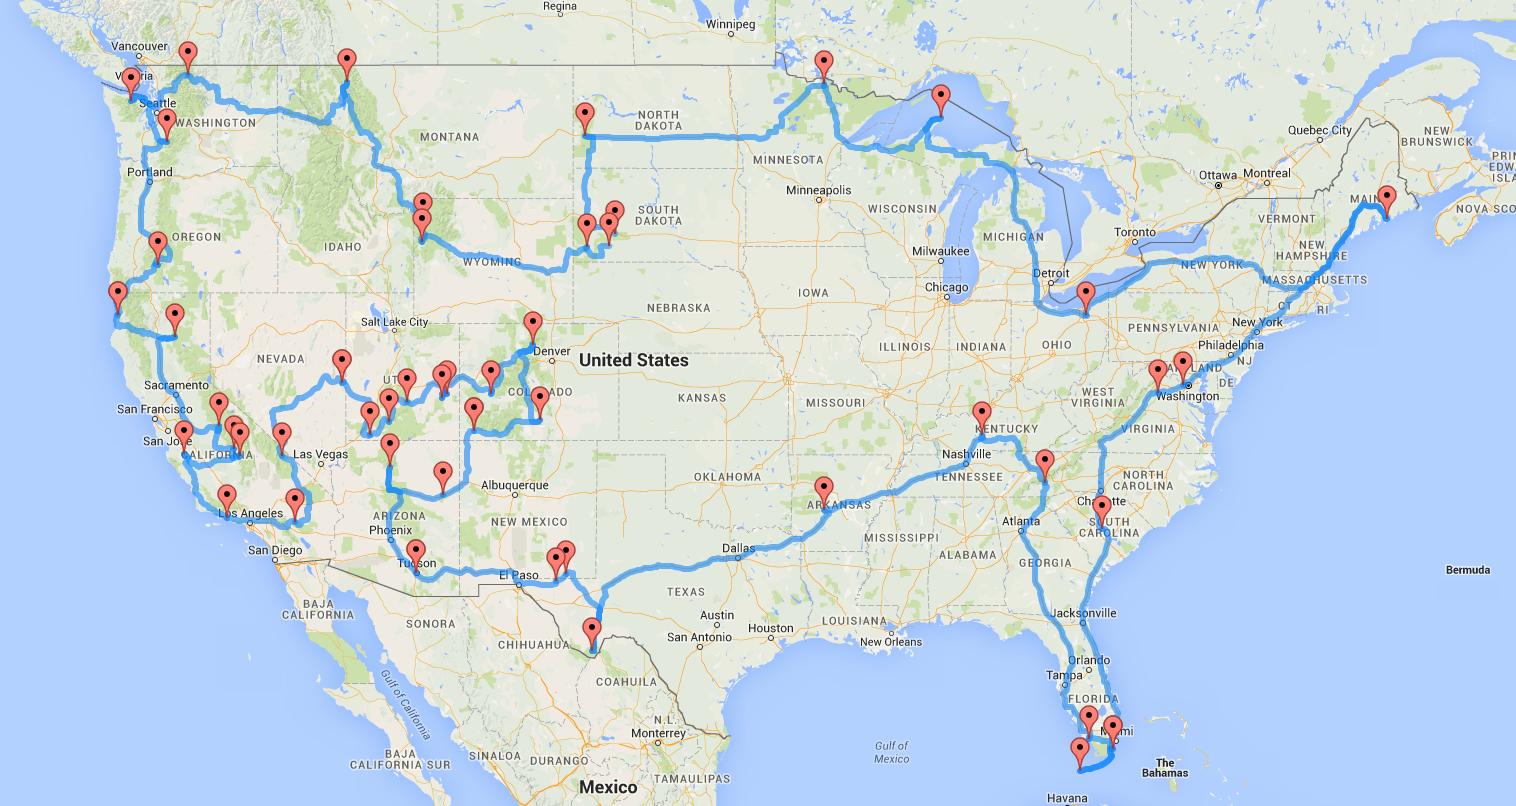 die besten 25 usa nationalparks karte ideen auf pinterest nationalparks karte kalifornien. Black Bedroom Furniture Sets. Home Design Ideas